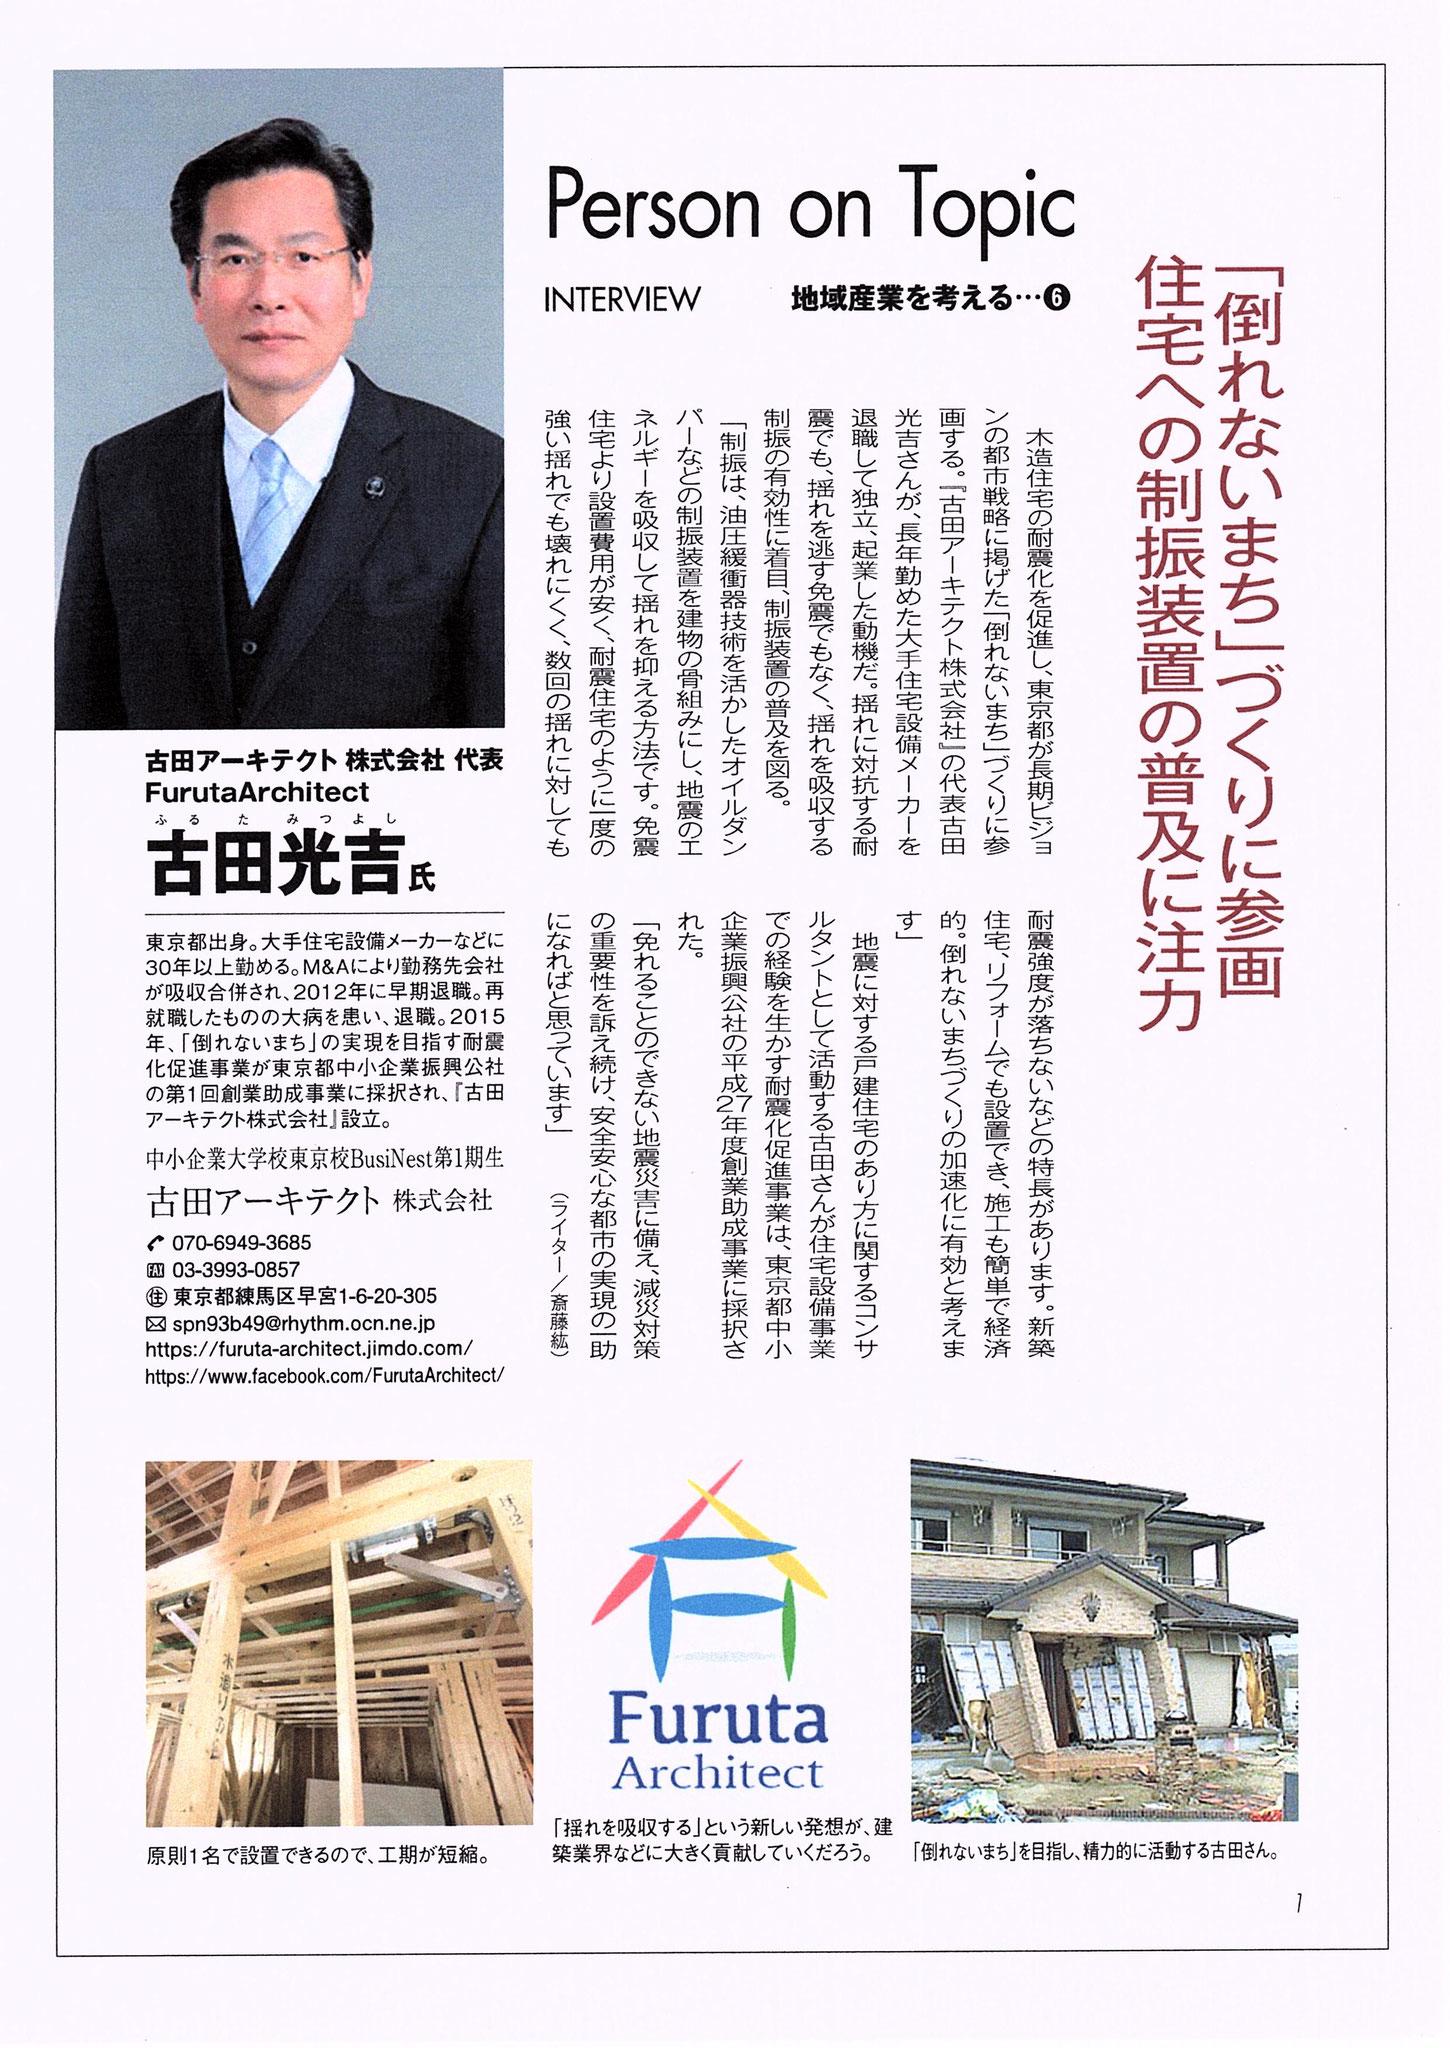 日本が誇るビジネス大賞【2017年度版】P87に掲載。